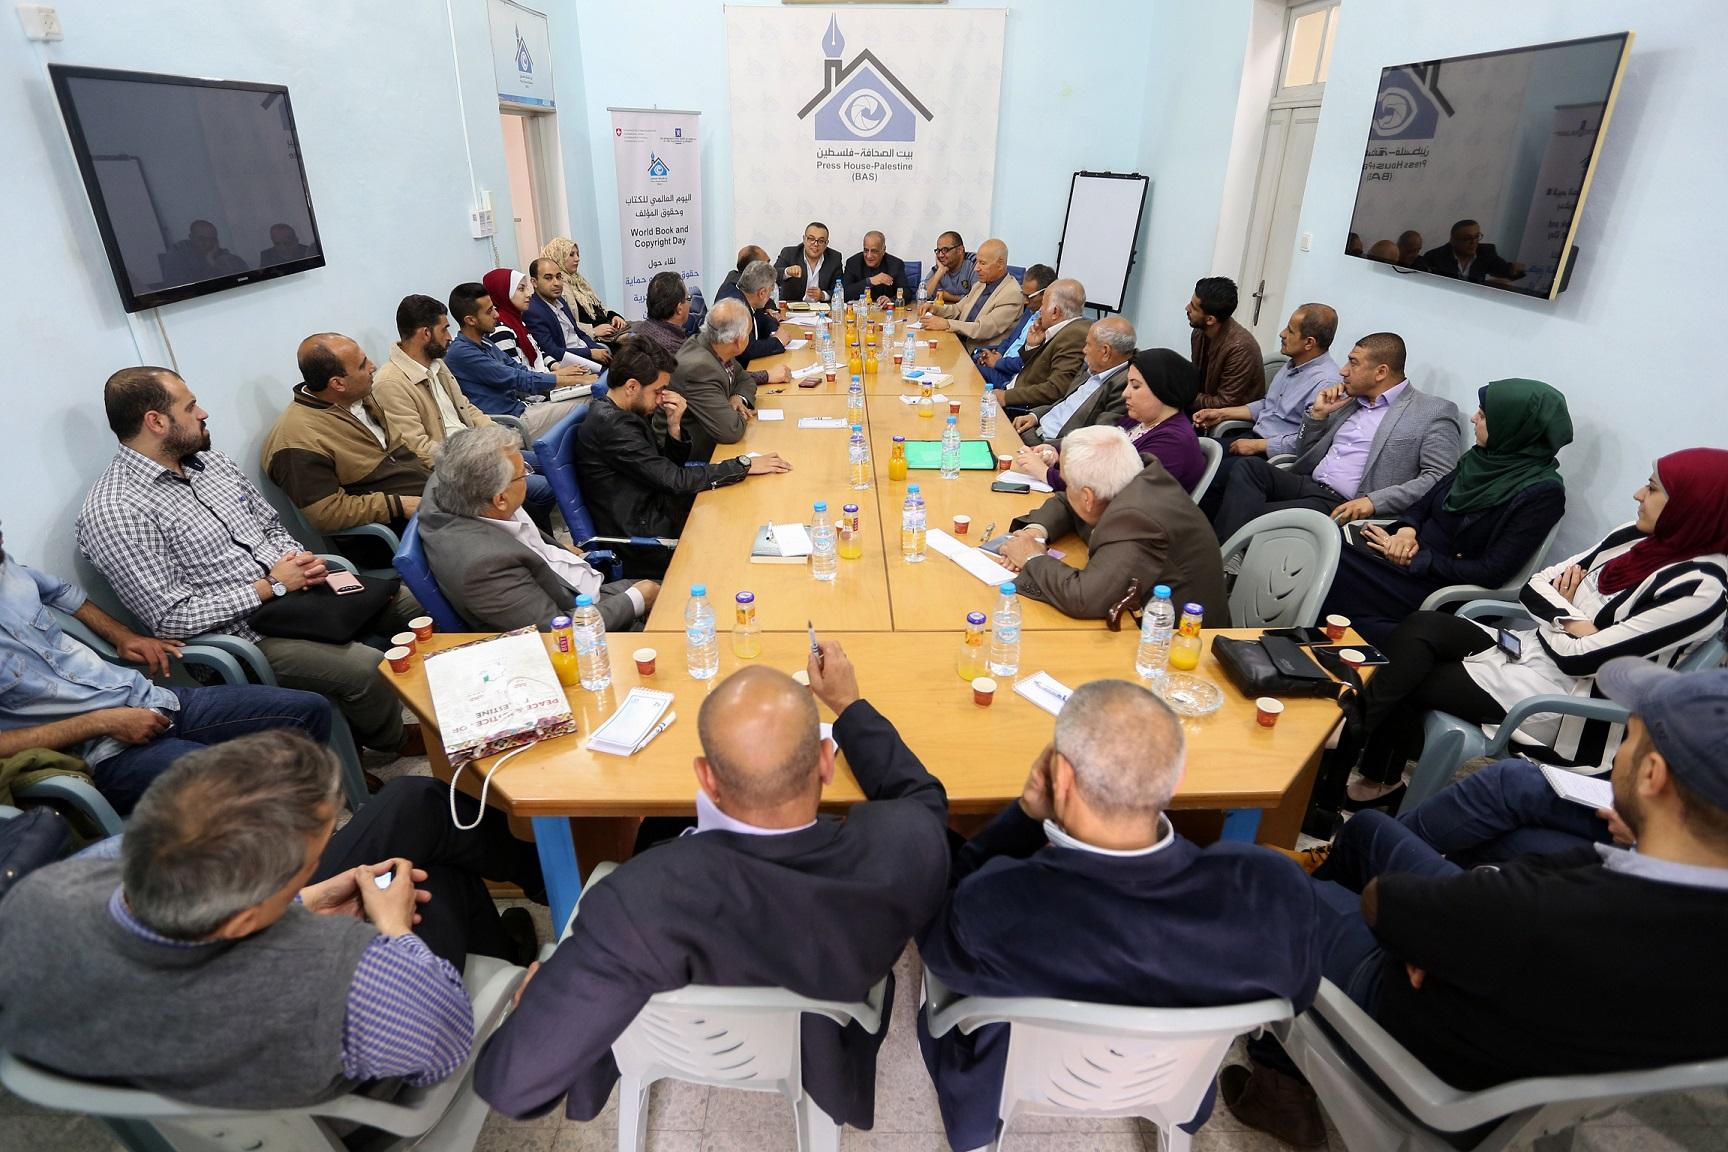 بالصور.. كُتّاب غزة يحتفلون باليوم العالمي للكتاب وحقوق المؤلف في بيت الصحافة